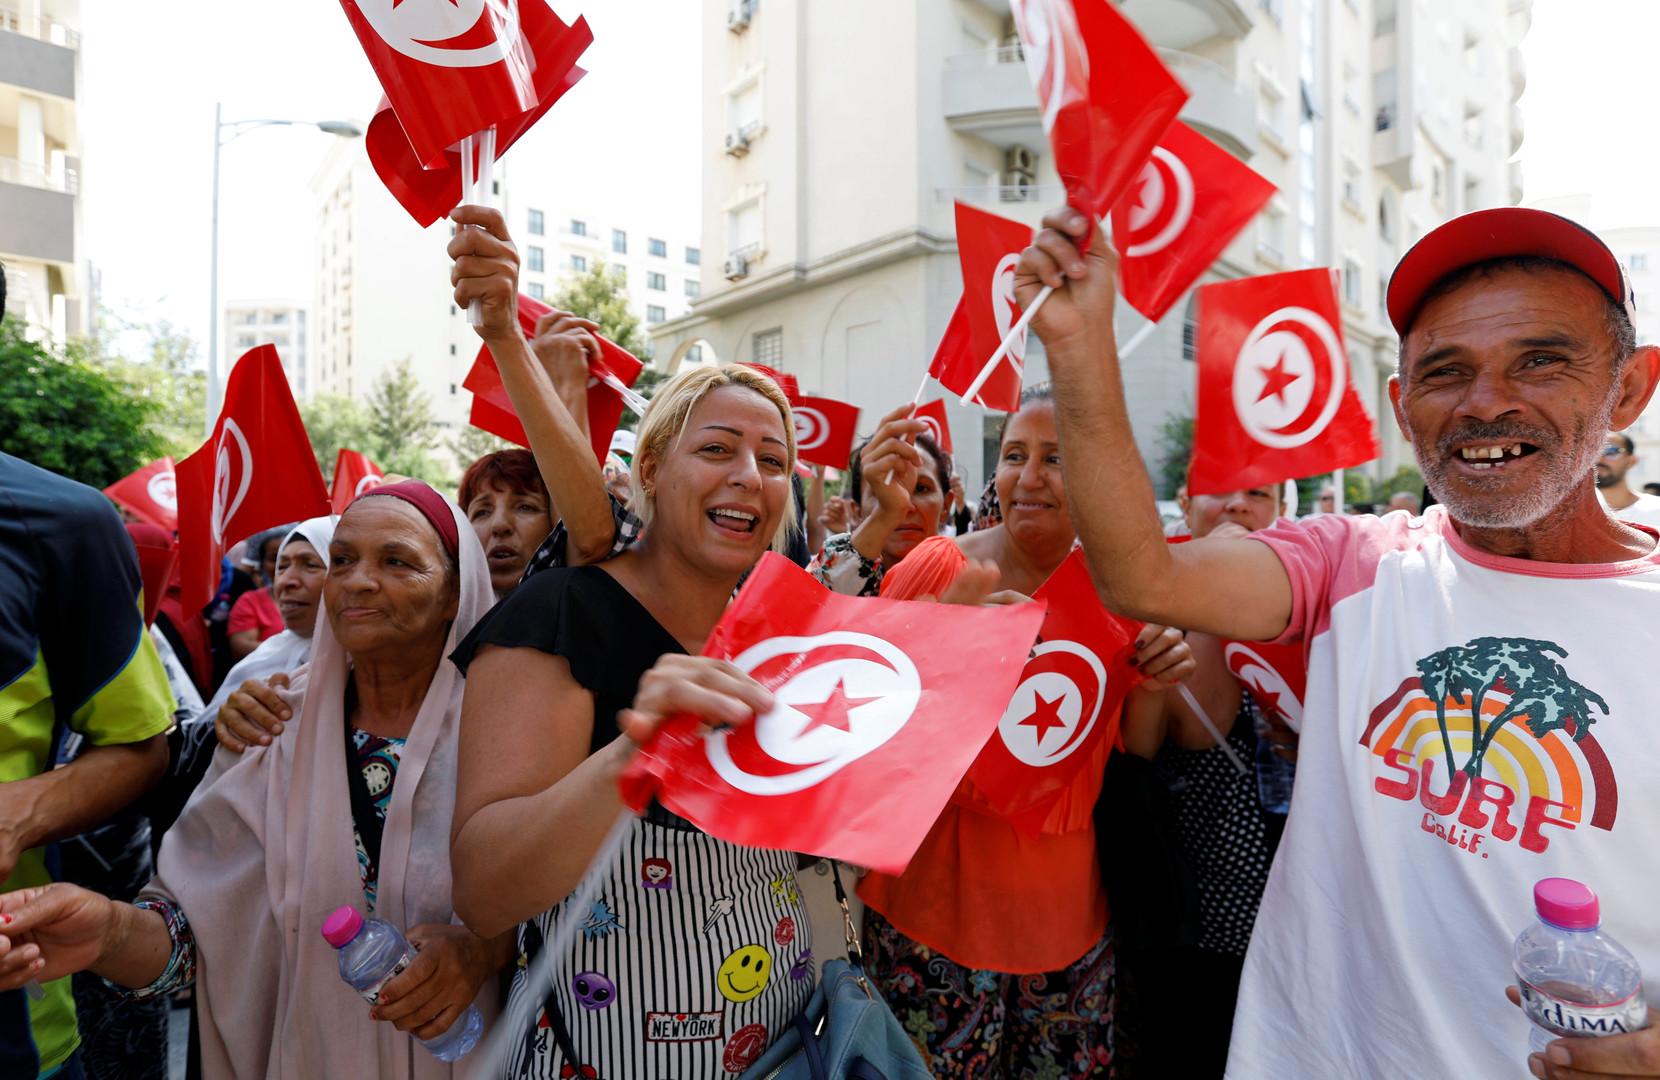 تونس: قبول 26 مرشحا للانتخابات الرئاسية من أصل 97